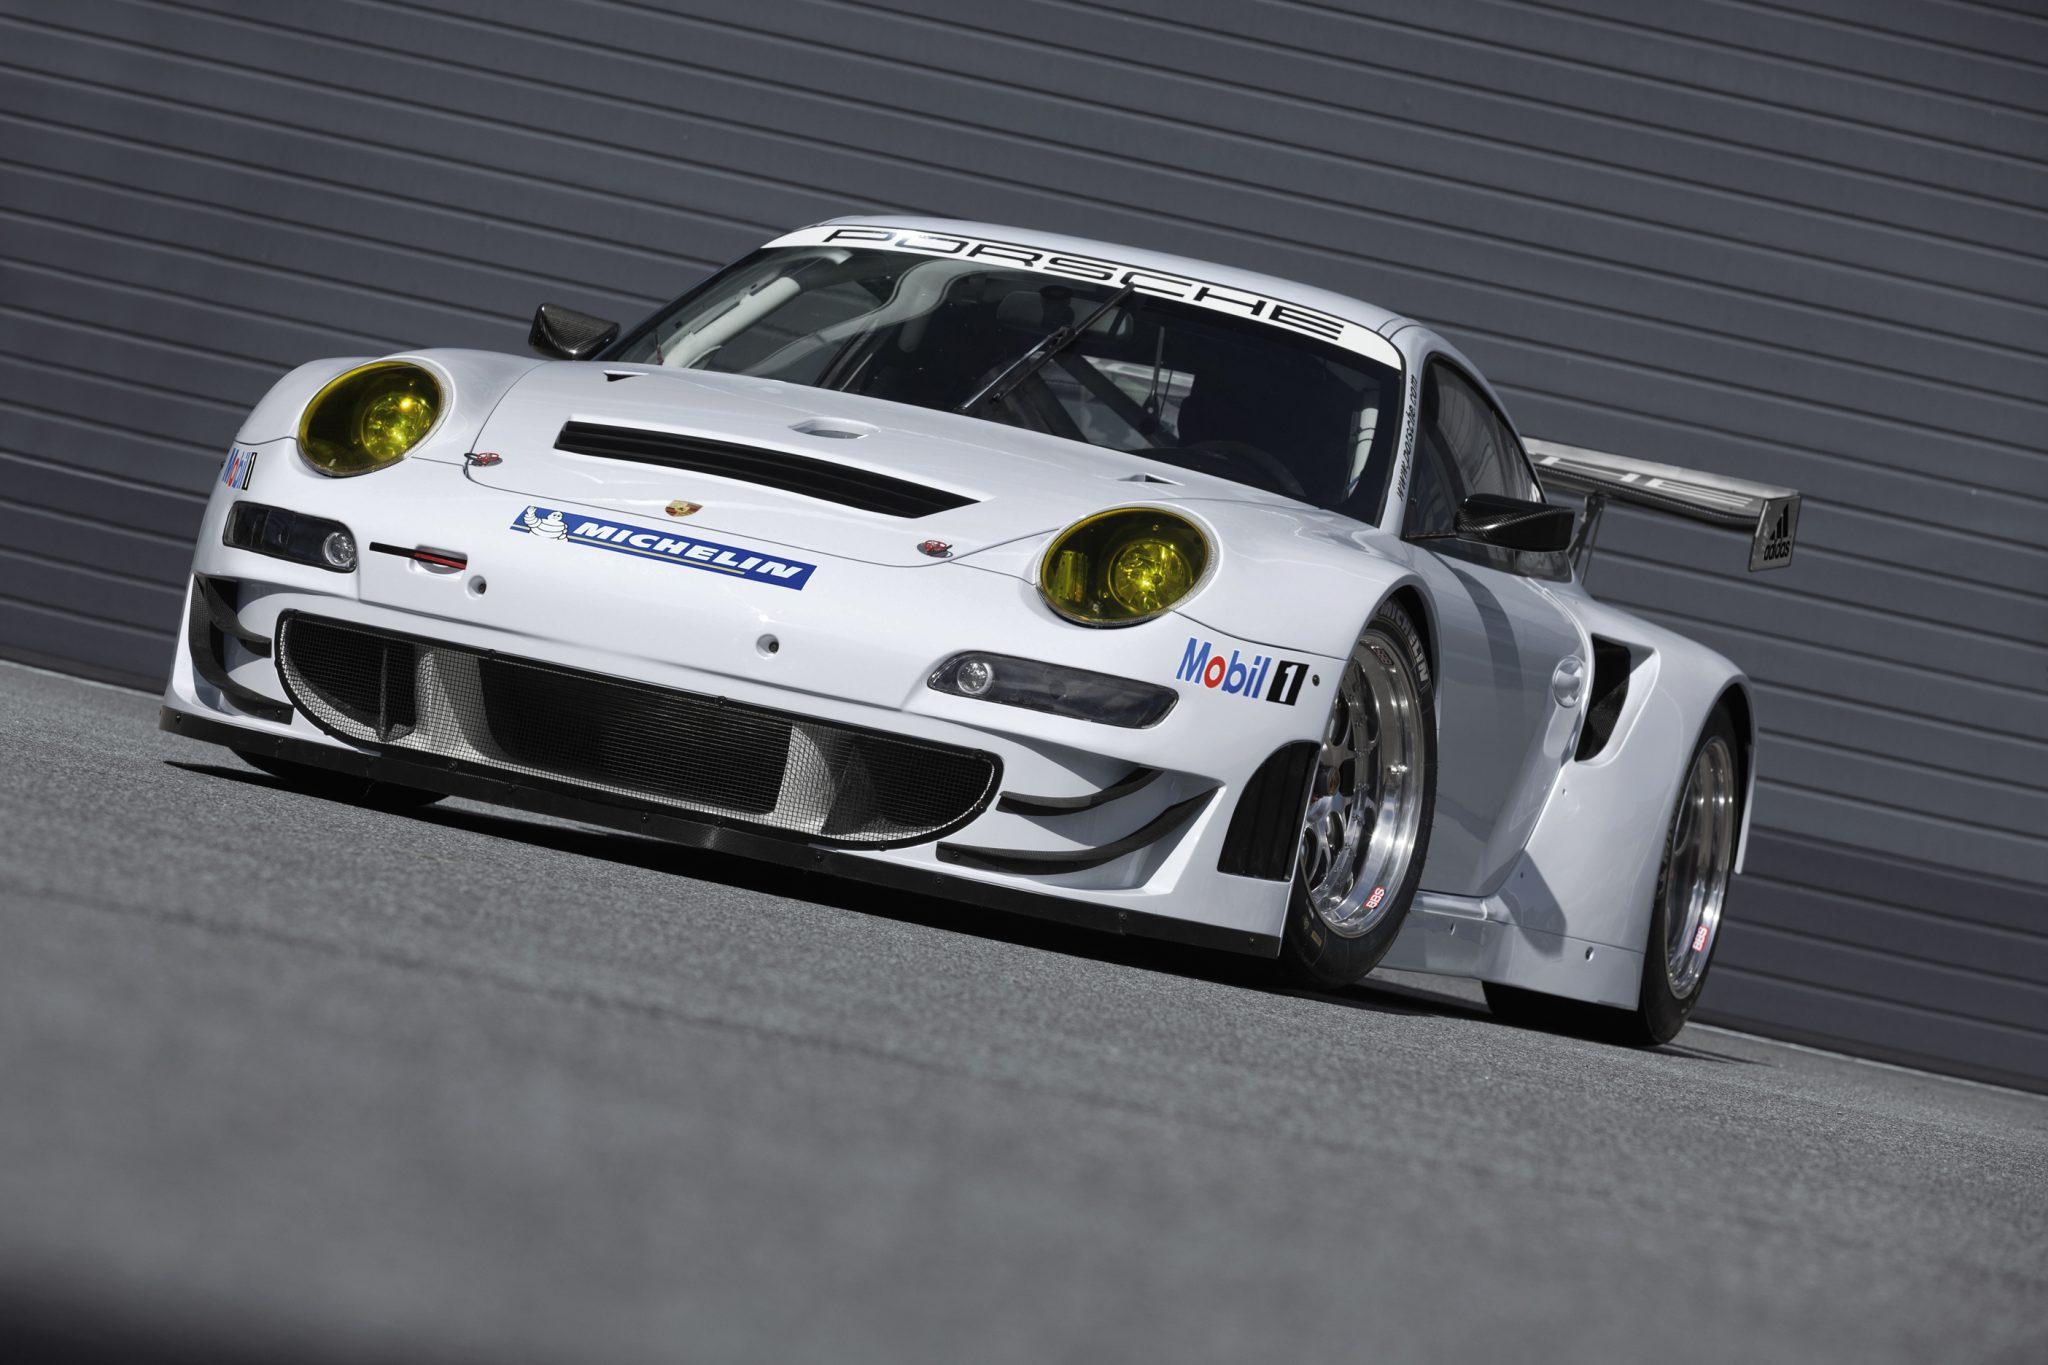 Porsche 911 Gt3 Rsr Forcegt Com